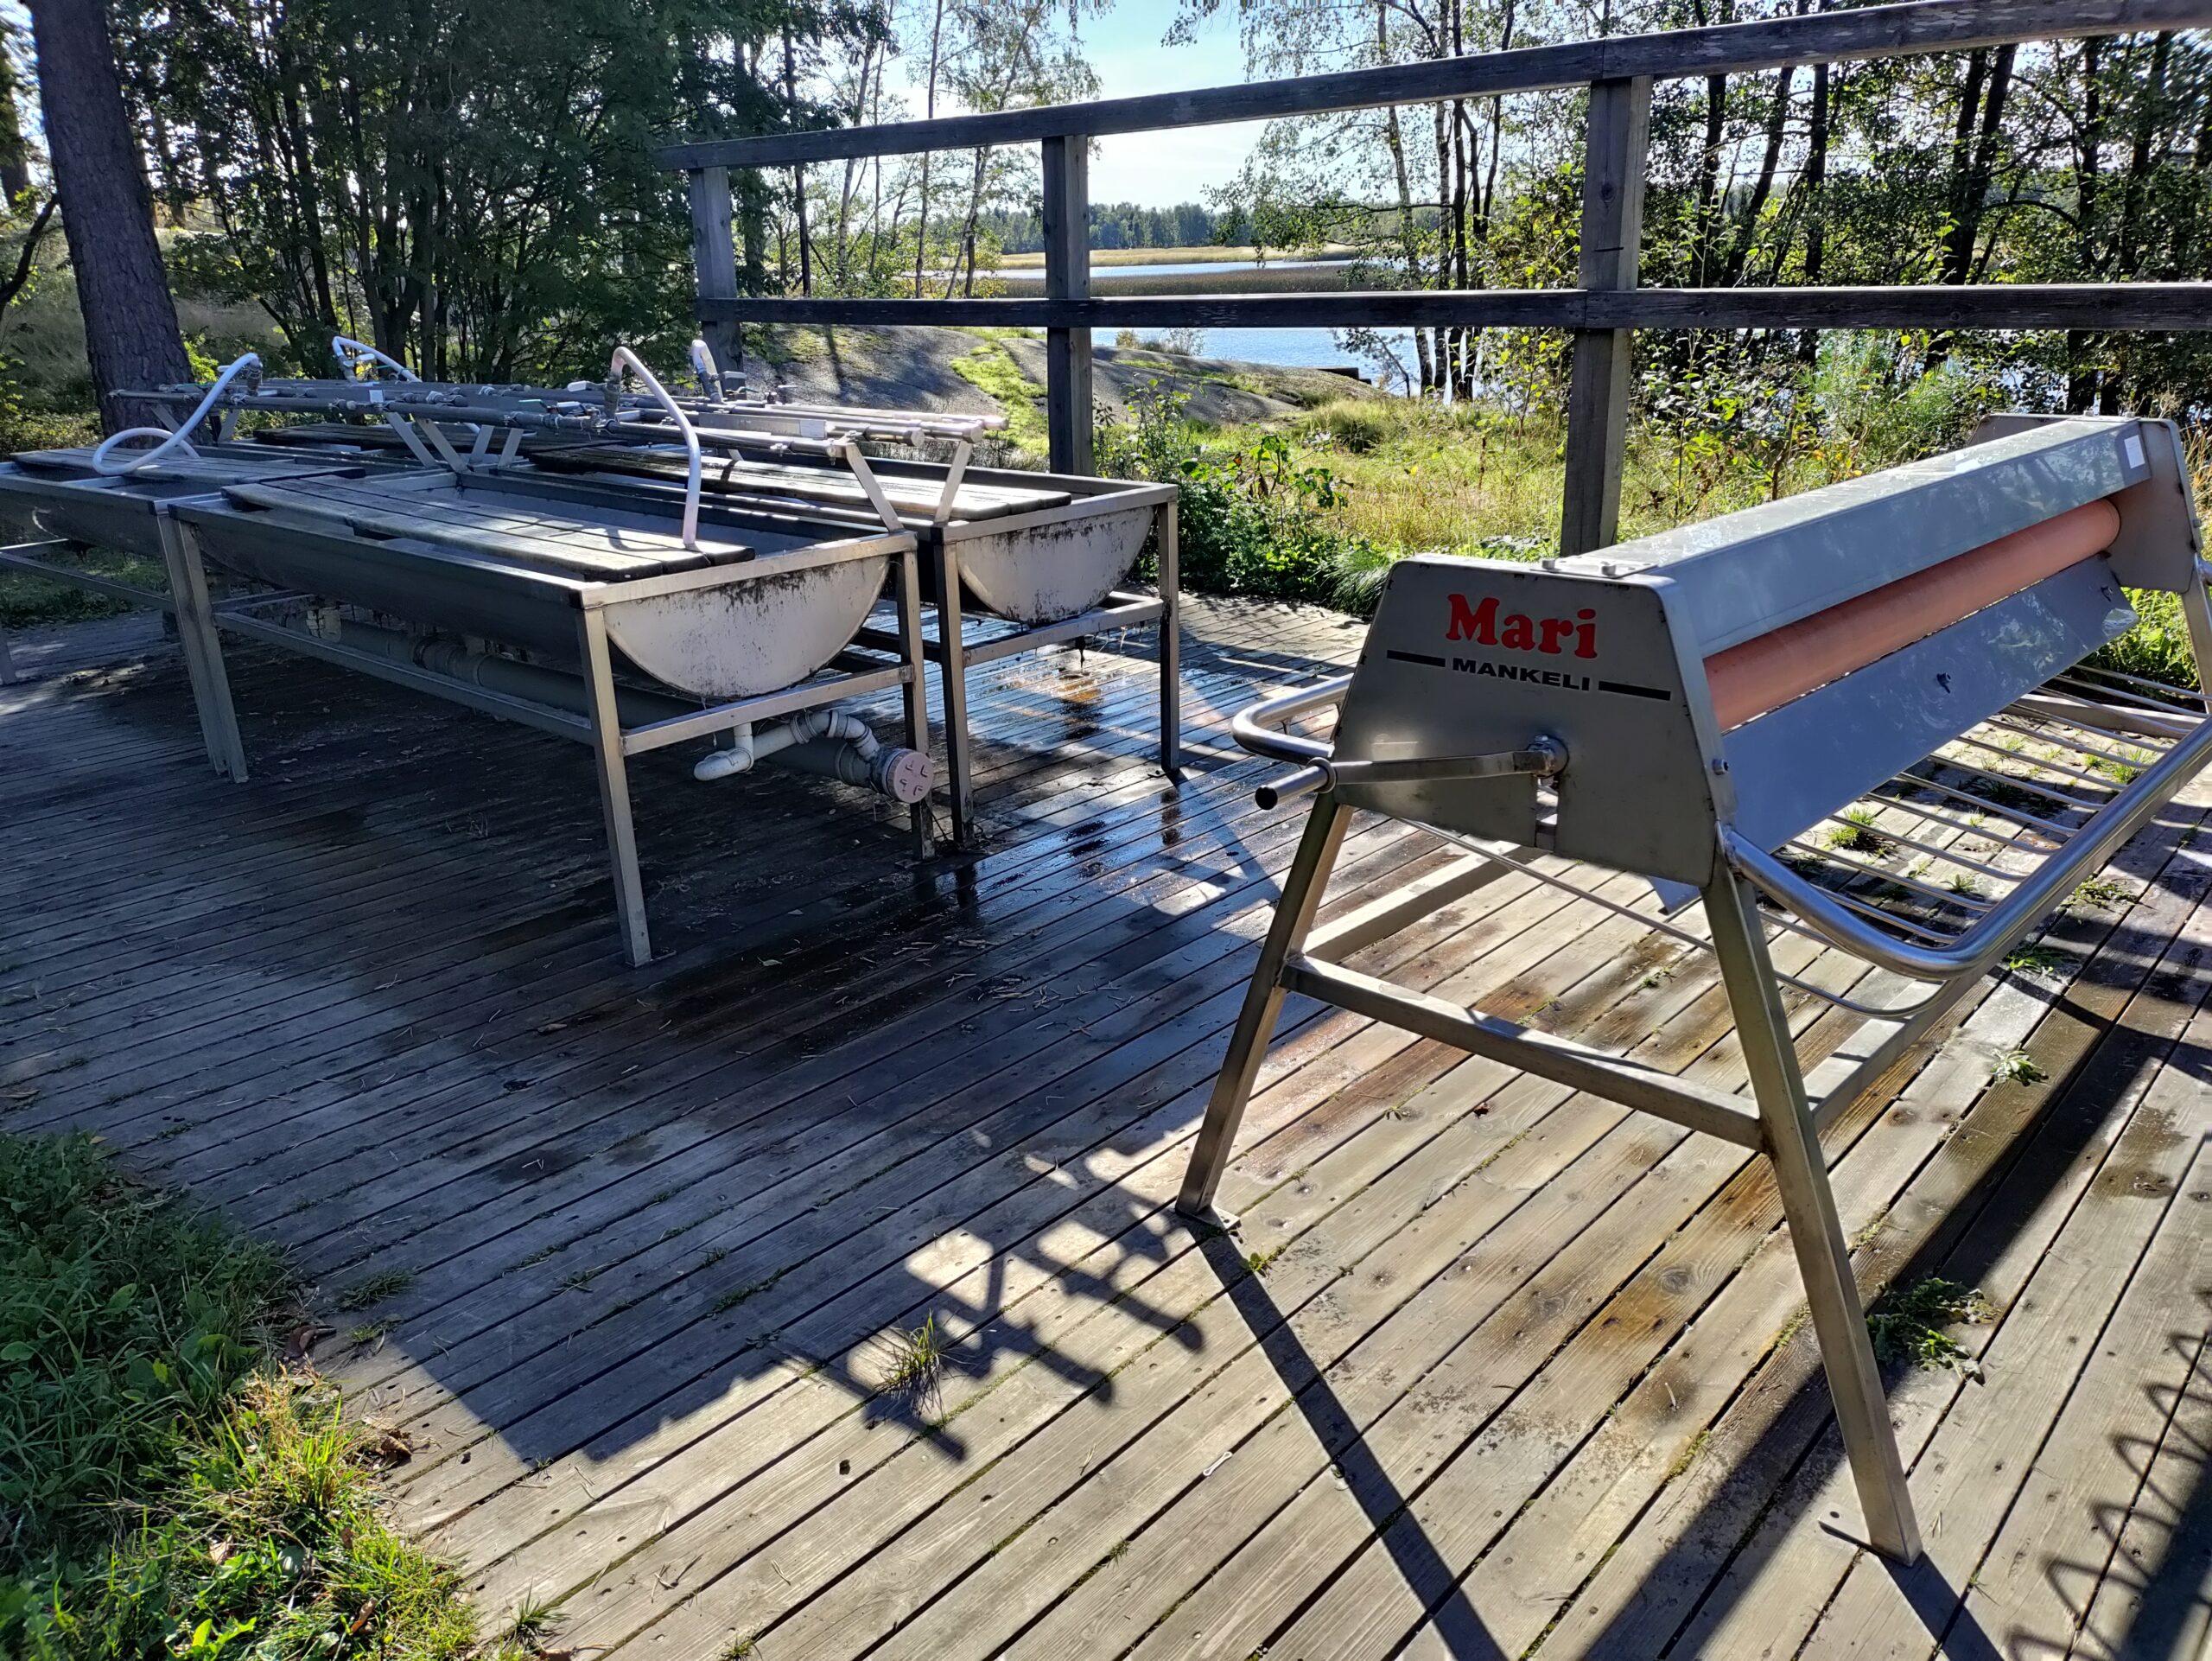 Kotkassa matonpesulaitureita on useita eri puolilla kaupunkia, mm. Mansikkalahdessa, Jokipuistossa ja Norssalmen sillan kupeessa. Ne ovat perinteisiä matonpesupaikkoja, mutta eivät ympäristöystävällisiä, sillä pesuvesi päätyy niistä suoraa mereen. Mäntysuovan keksi muuten kemisti-insinööri Alfons Hellström Enso-Gutzeitin tehtaalla Kotkassa vuonna 1913. Kaupungin alueella on myös kolme kuivanmaan matonpesupaikkaa, Metsolassa, Turvalassa sekä Suulisniemessä. Tässä kuvassa Metsolan pesupaikka syksyllä 2021.